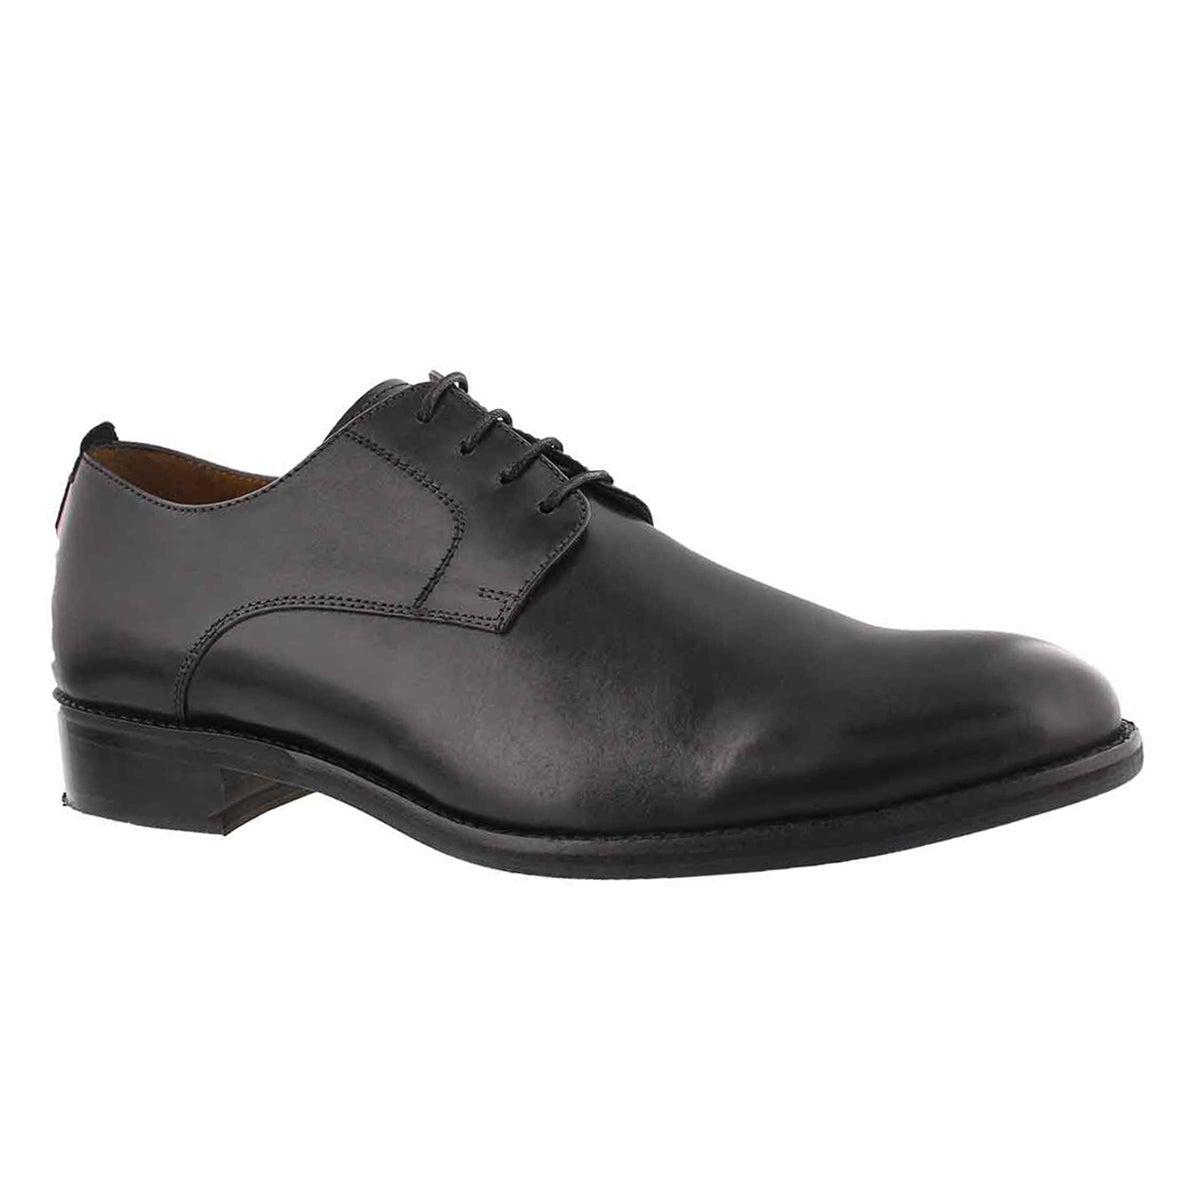 Men's AARON black lace up dress oxfords